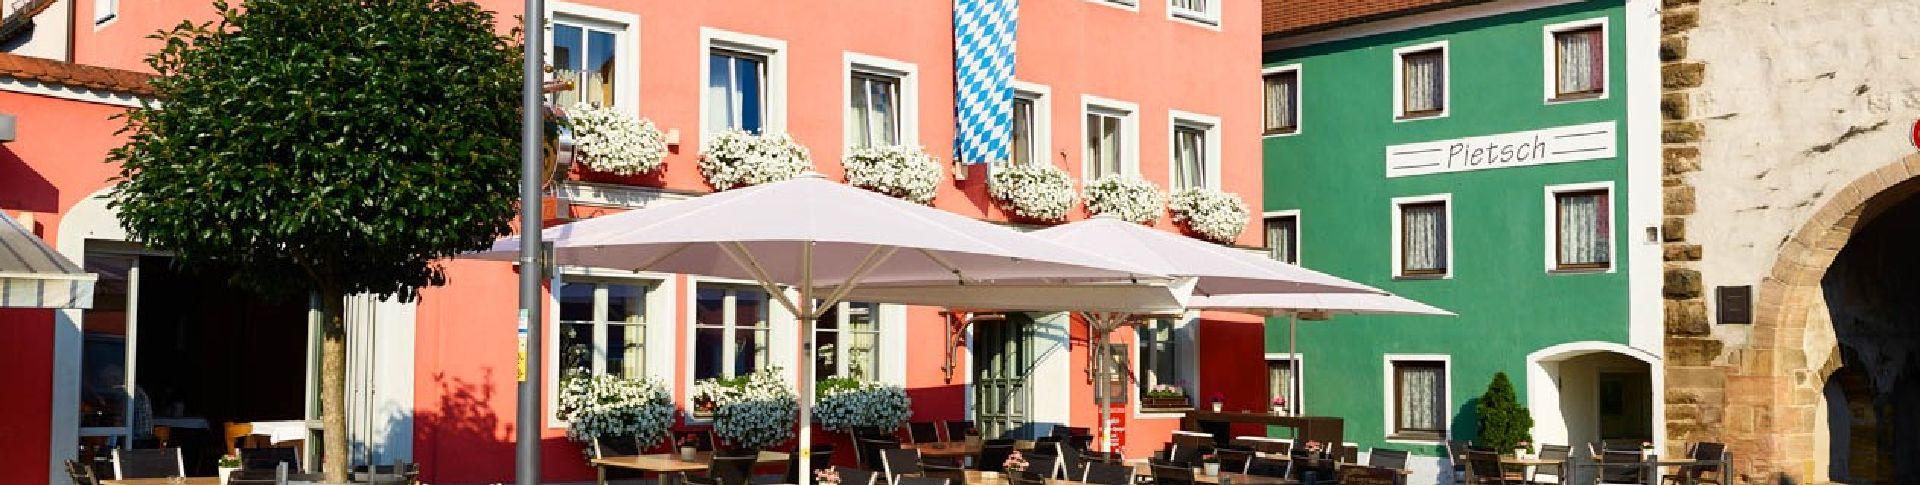 Gasthaus-Hotel Pietsch